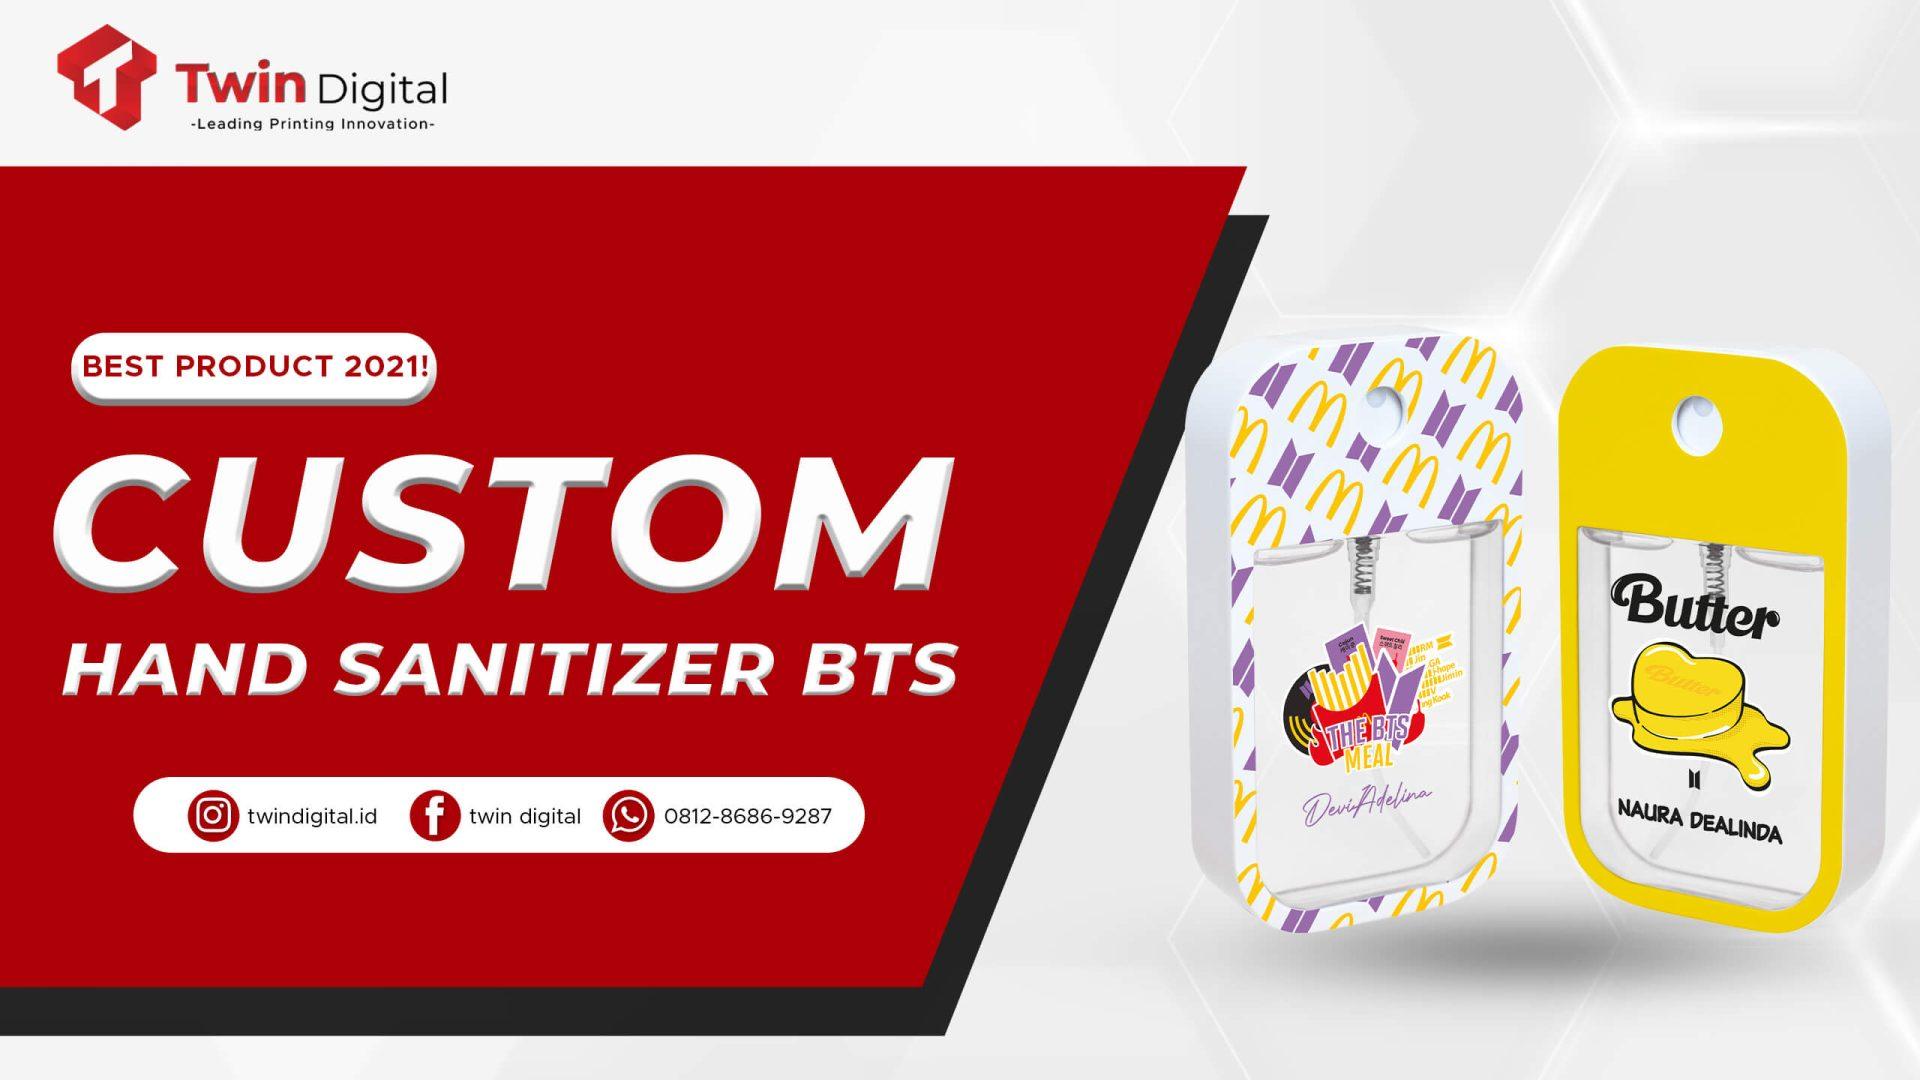 Custom Hand Sanitizer BTS